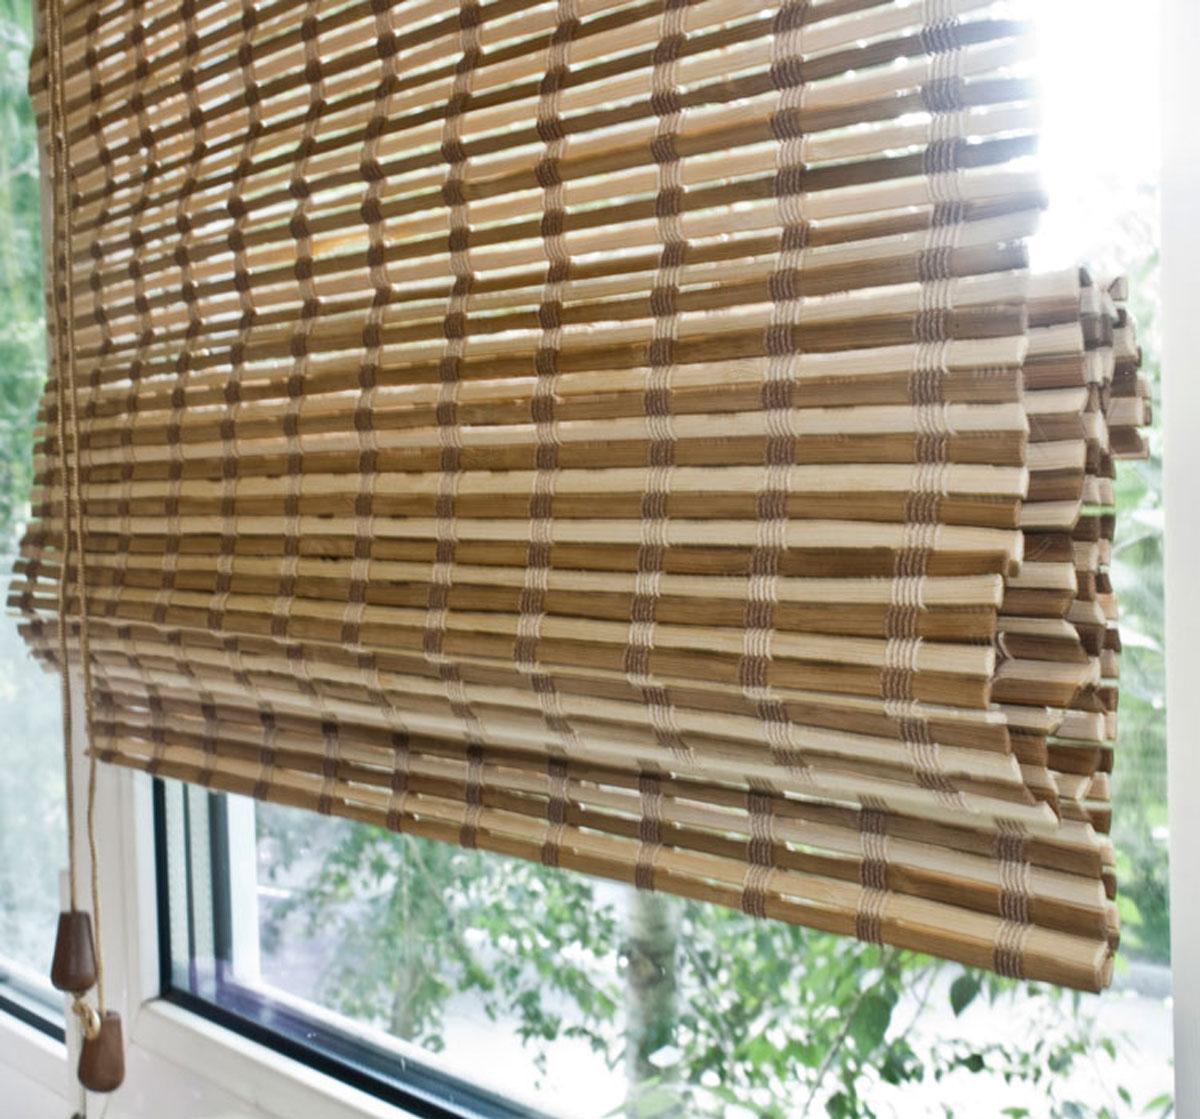 Римская штора Эскар Бамбук, цвет: микс, ширина 60 см, высота 160 см72959060160Римская штора Эскар, выполненная из натурального бамбука, является оригинальным современным аксессуаром для создания необычного интерьера в восточном или минималистичном стиле. Римская бамбуковая штора, как и тканевая римская штора, при поднятии образует крупные складки, которые прекрасно декорируют окно. Особенность устройства полотна позволяет свободно пропускать дневной свет, что обеспечивает мягкое освещение комнаты. Римская штора из натурального влагоустойчивого материала легко вписывается в любой интерьер, хорошо сочетается с различной мебелью и элементами отделки. Использование бамбукового полотна придает помещению необычный вид и визуально расширяет пространство. Бамбуковые шторы требуют только сухого ухода: пылесосом, щеткой, веником или влажной (но не мокрой!) губкой. Комплект для монтажа прилагается. Рекомендуем!